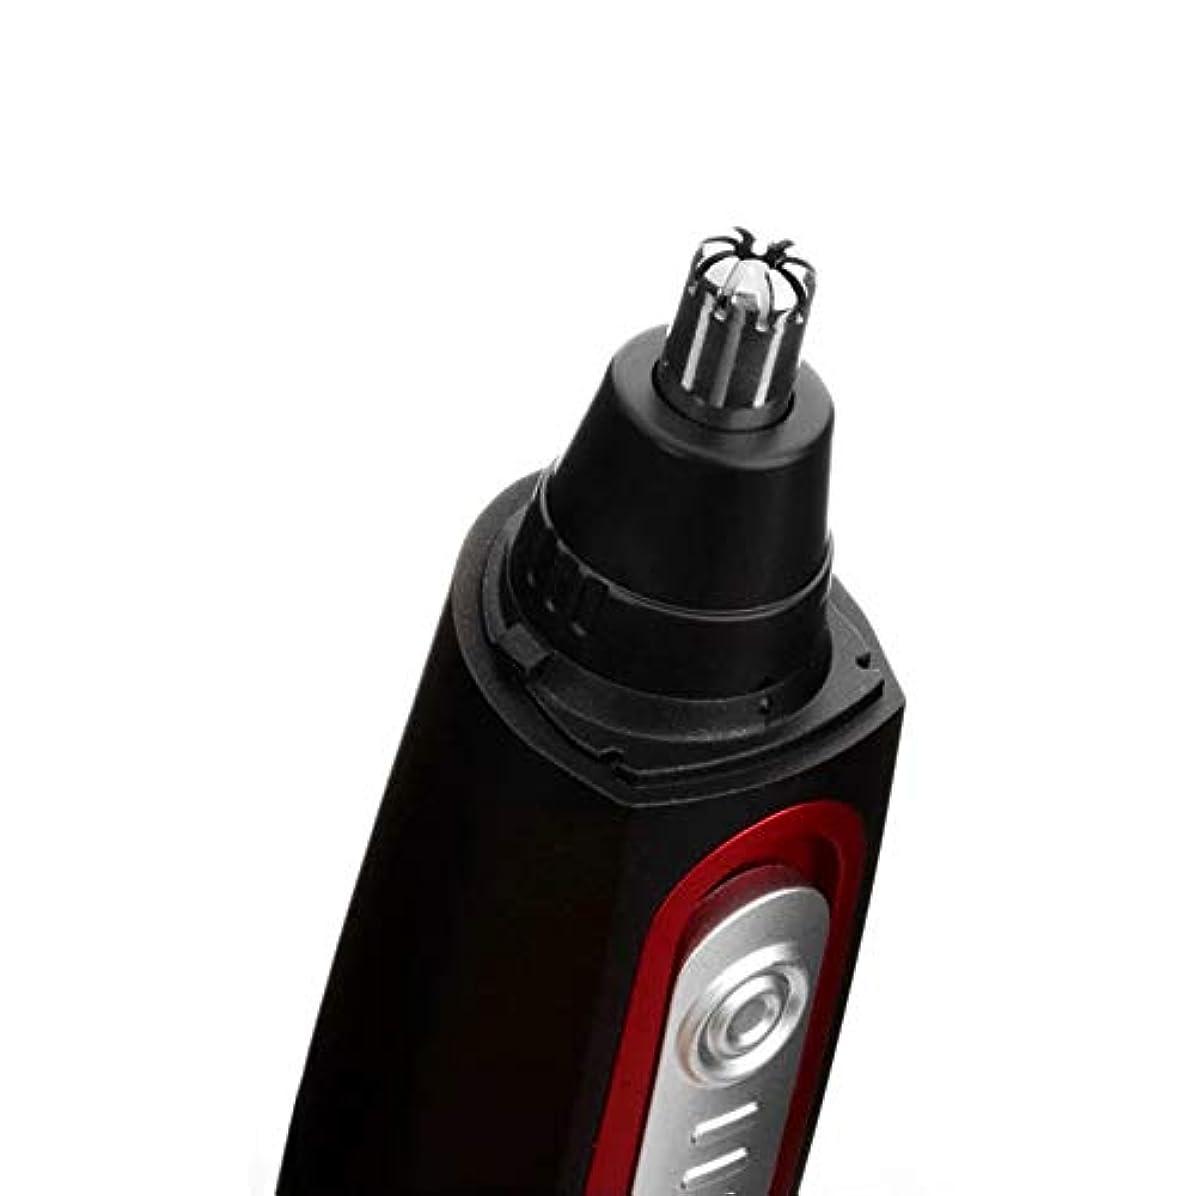 キネマティクス薬を飲む新鮮なノーズヘアトリマー/メンズシェービングノーズヘアスクレーピングノーズヘアハサミ/ 360°効果的なキャプチャー/三次元ロータリーカッターヘッドデザイン/ 14cm 軽度の脱毛